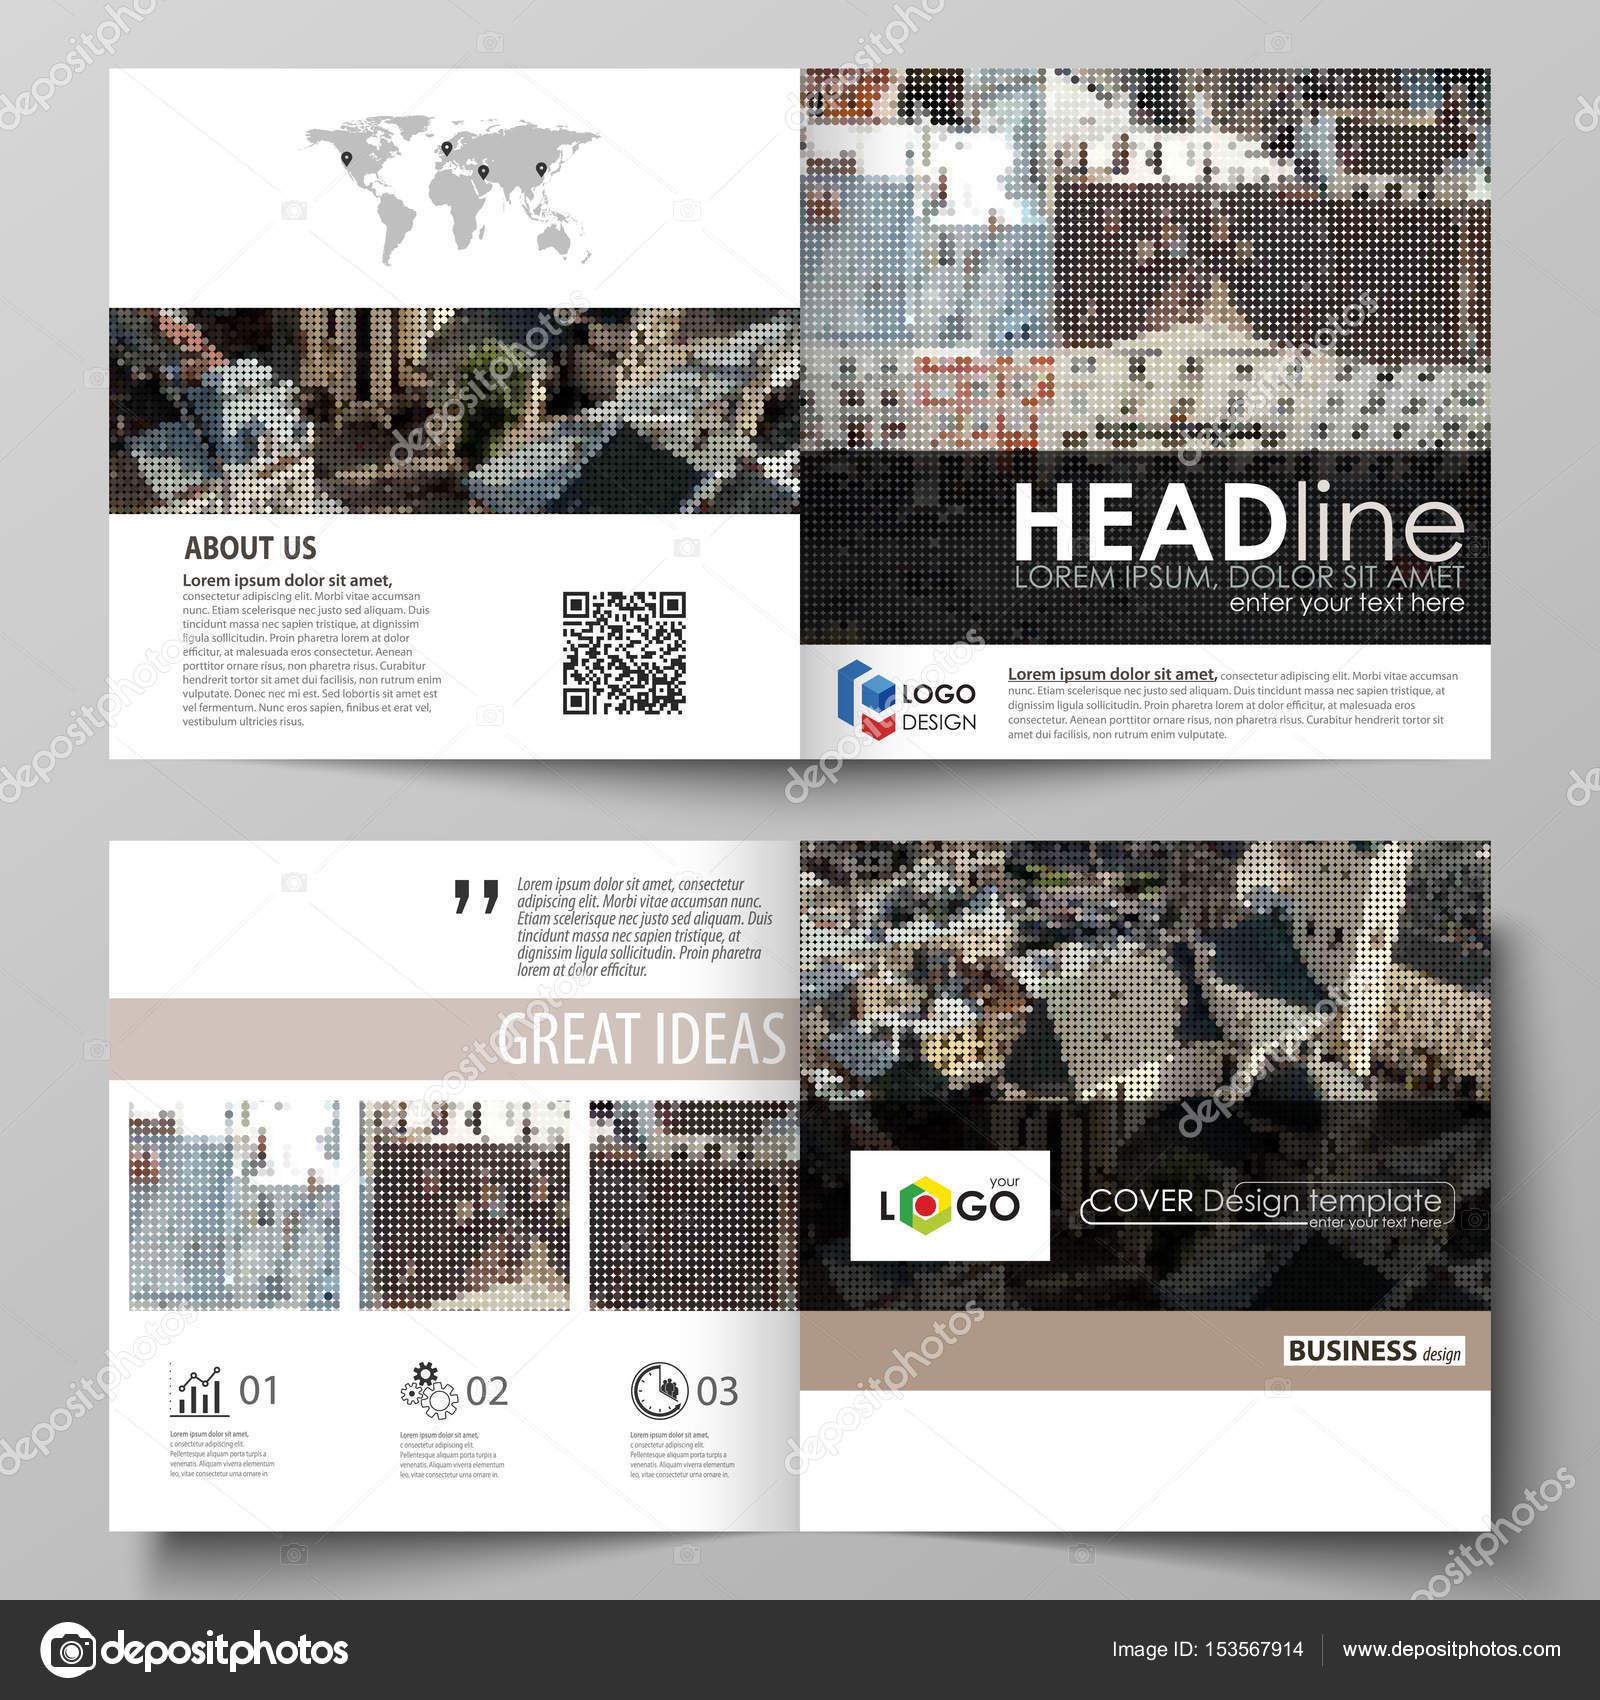 Plantillas de negocio para bi diseño cuadrado doblan folleto, flyer ...